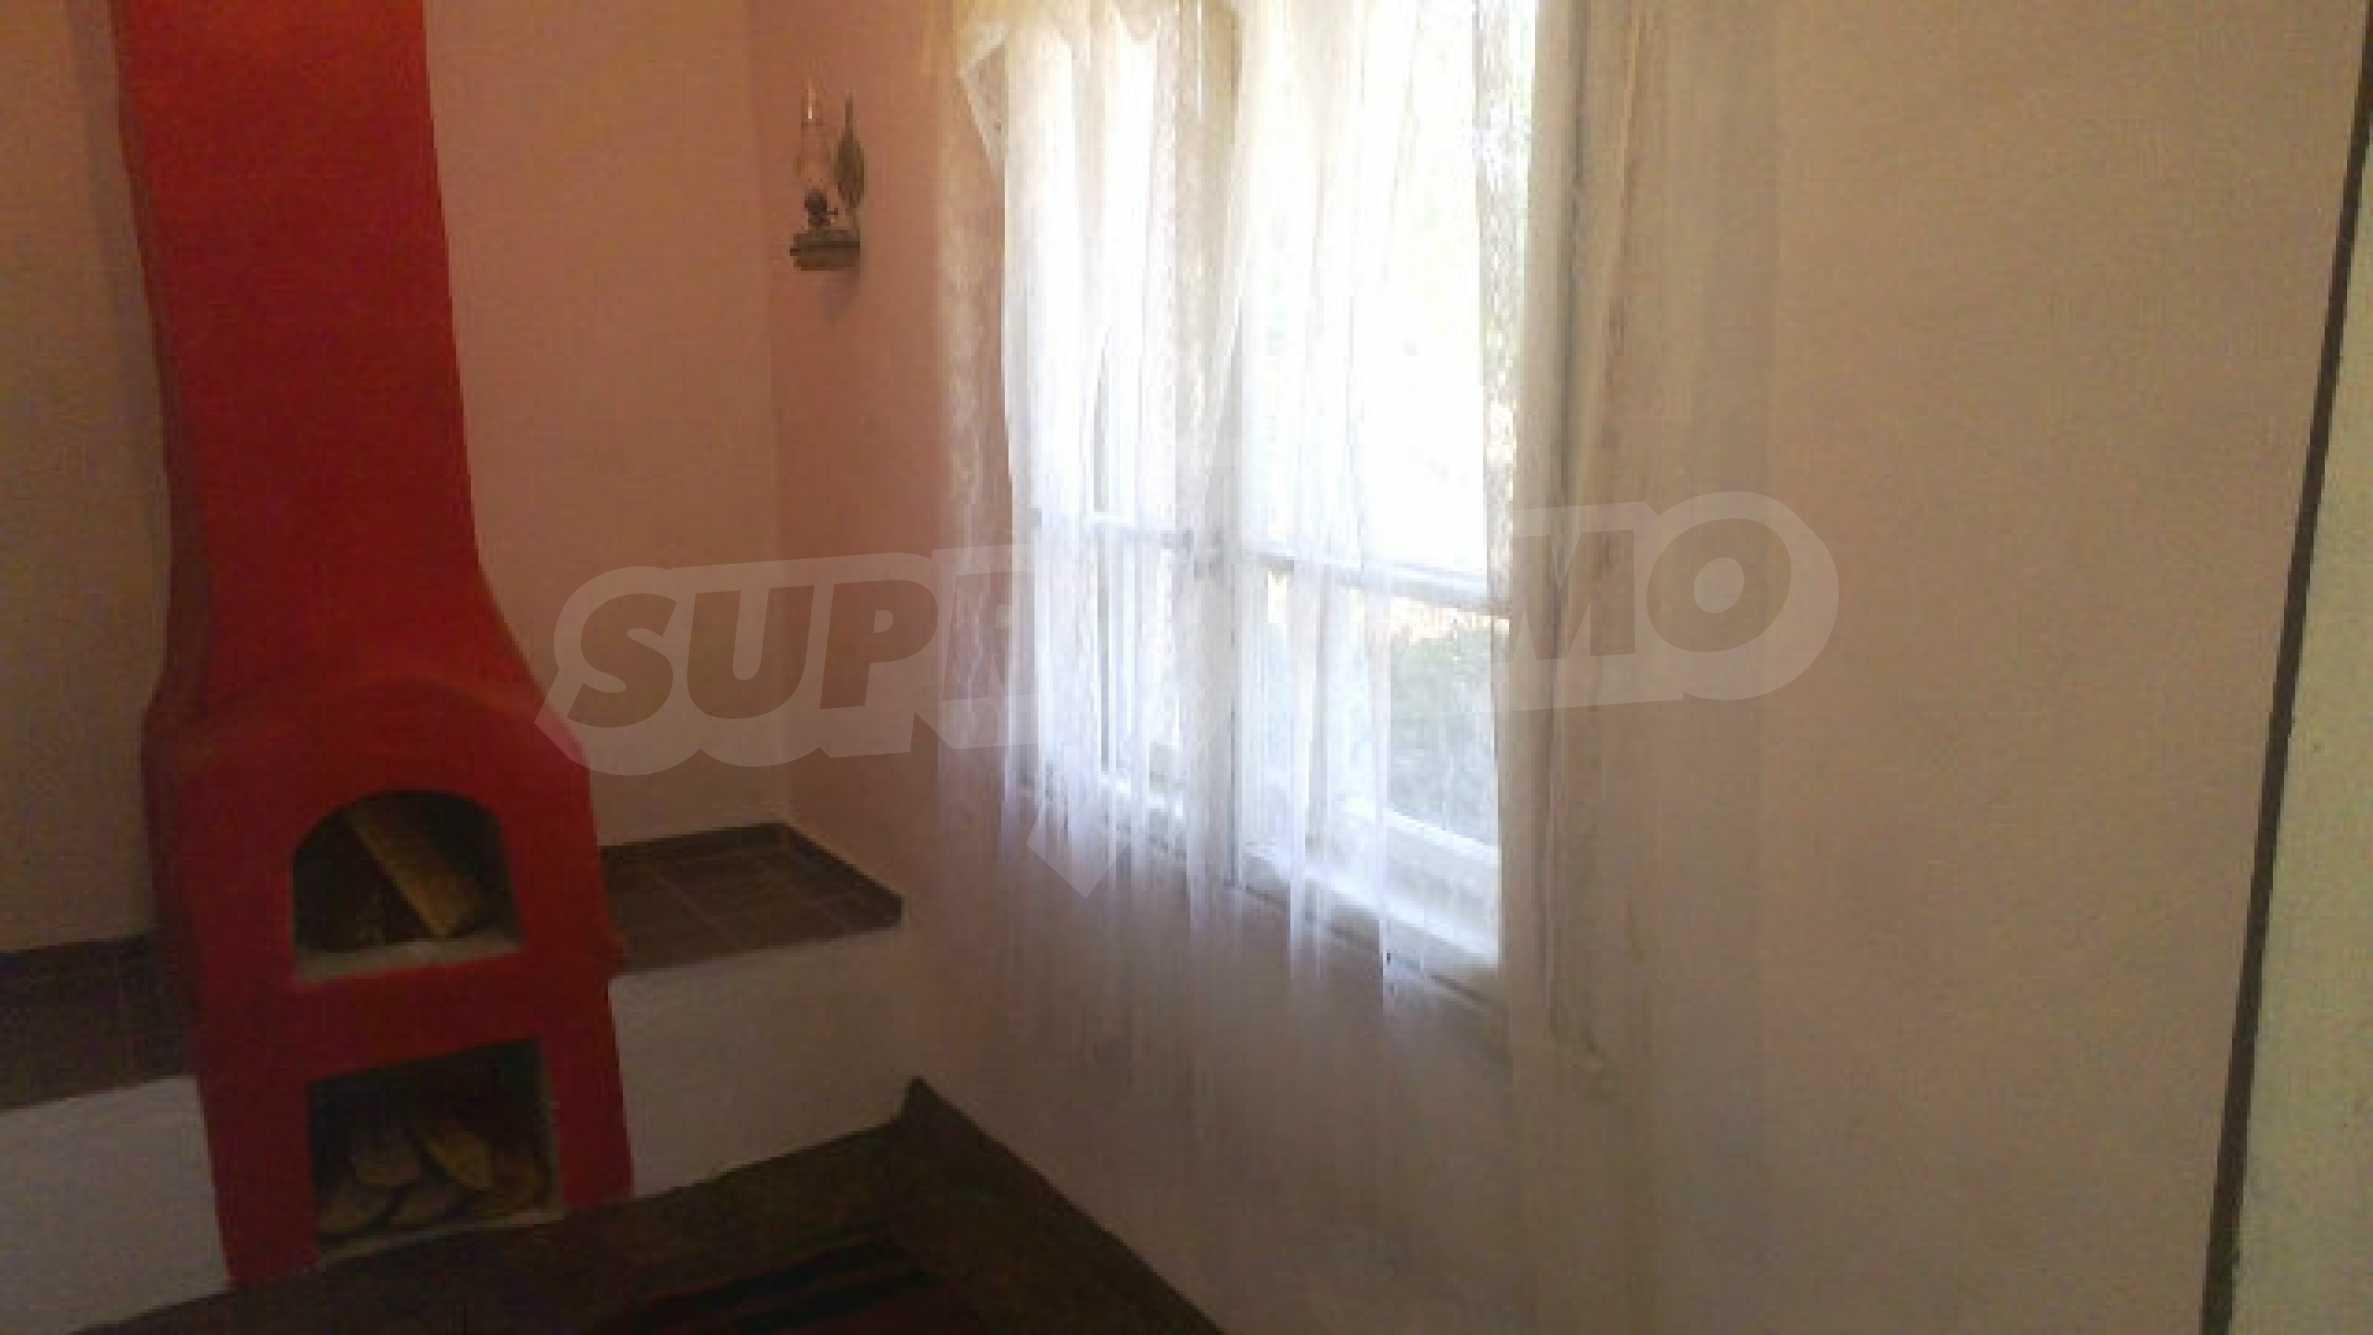 Massives einstöckiges Haus mit Küche in einem kleinen Dorf 40 km von Vidin entfernt 26